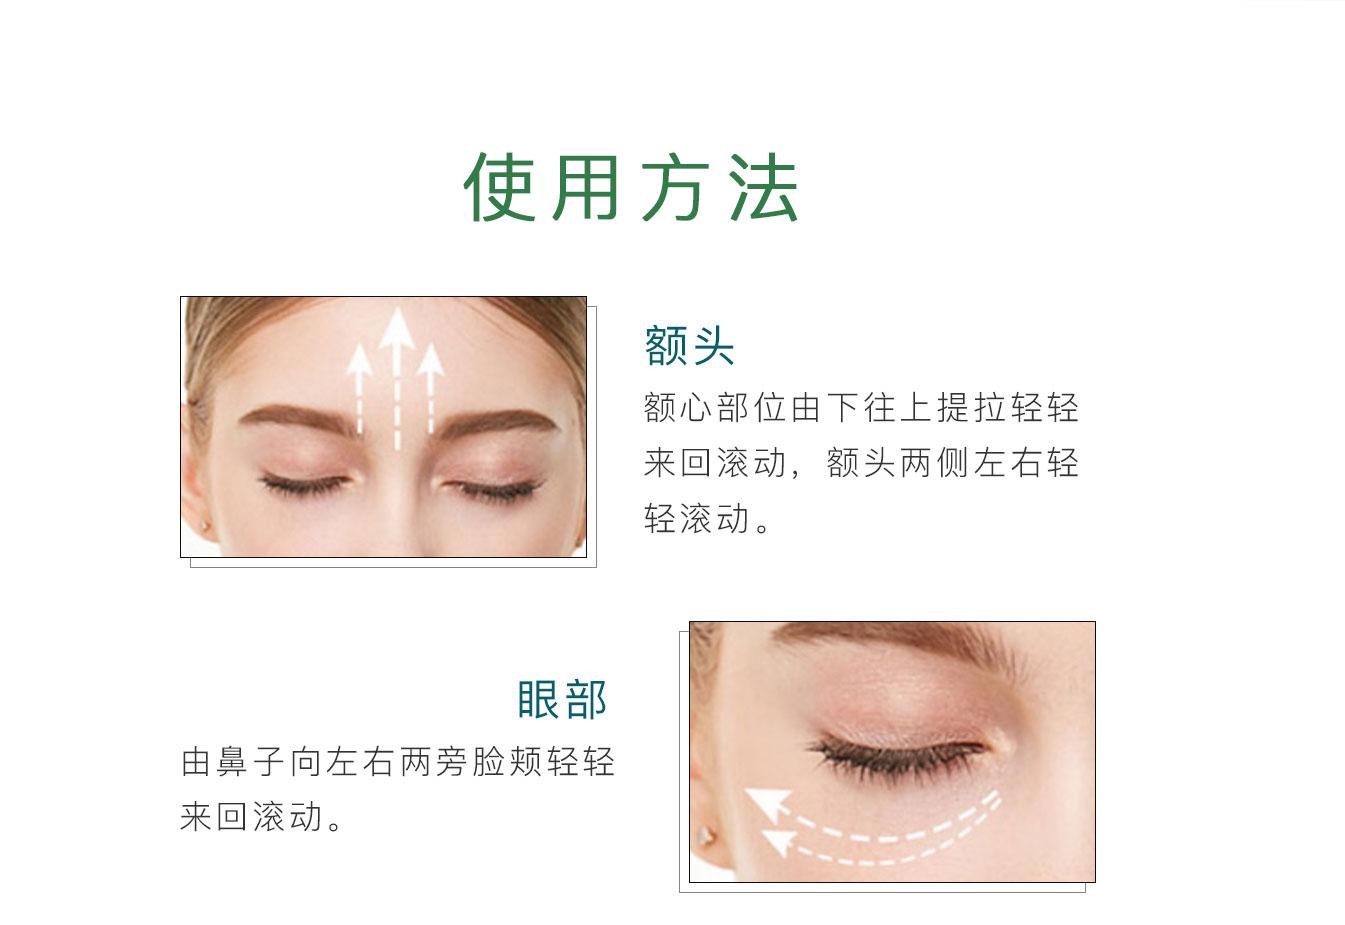 美容按摩刮痧 V脸按摩美颜器的使用方法